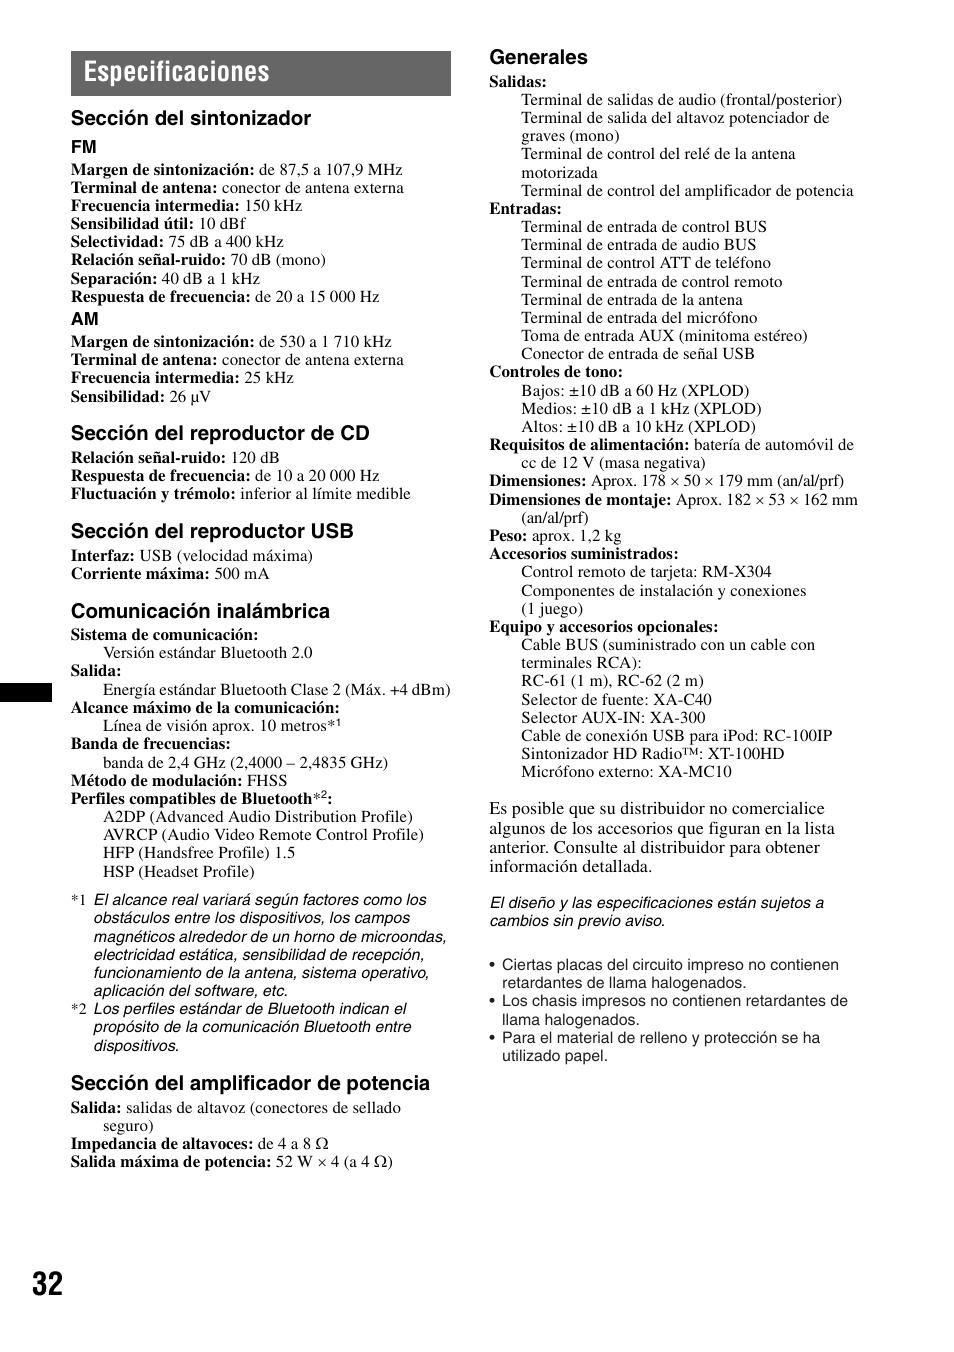 medium resolution of especificaciones secci n del sintonizador secci n del reproductor de cd secci n del reproductor usb